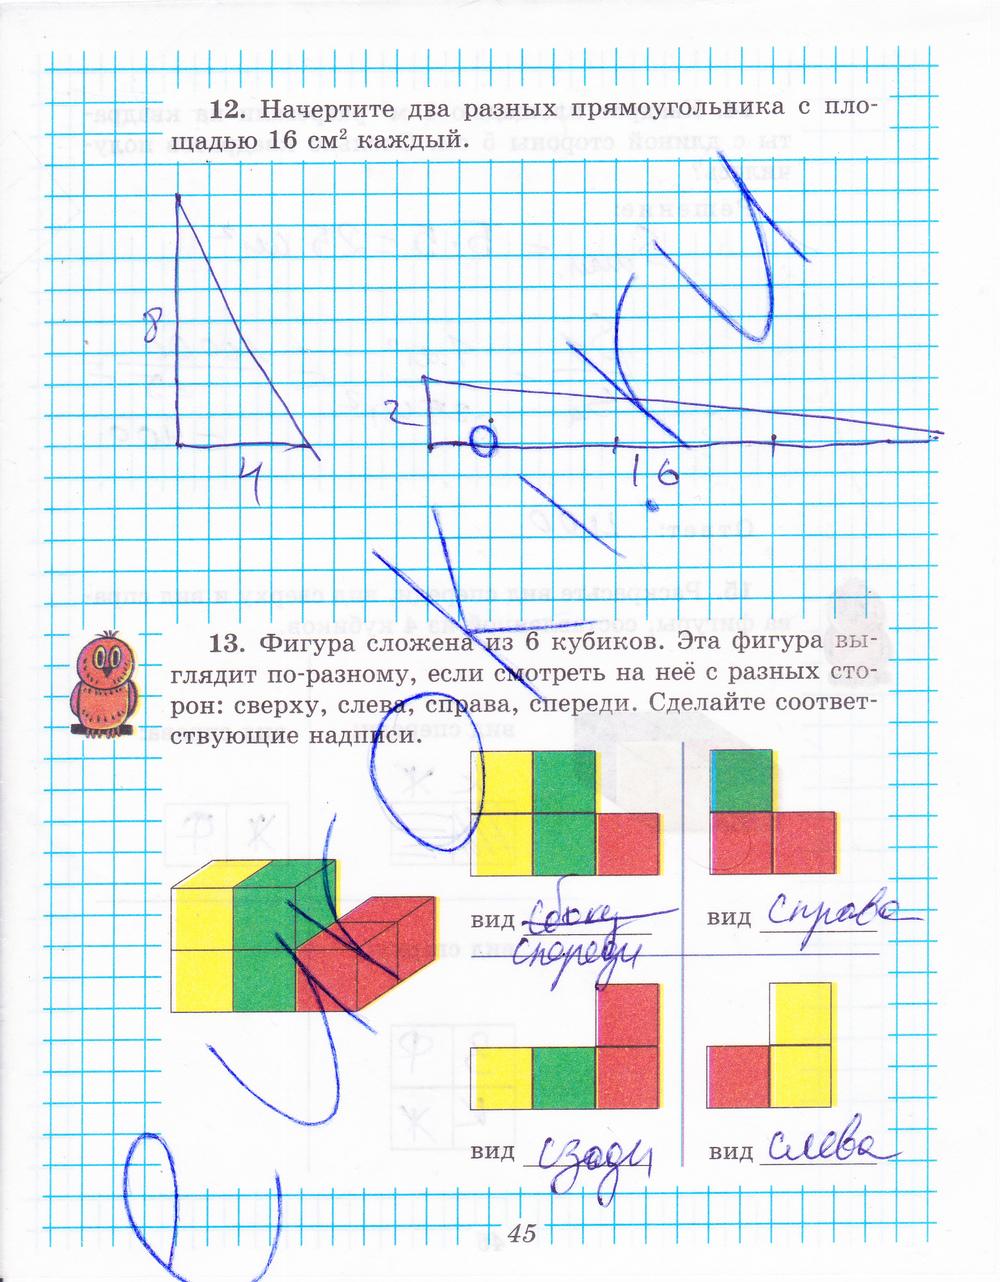 ГДЗ по математике 5 класс рабочая тетрадь Рудницкая Часть 1, 2. Задание: стр. 45